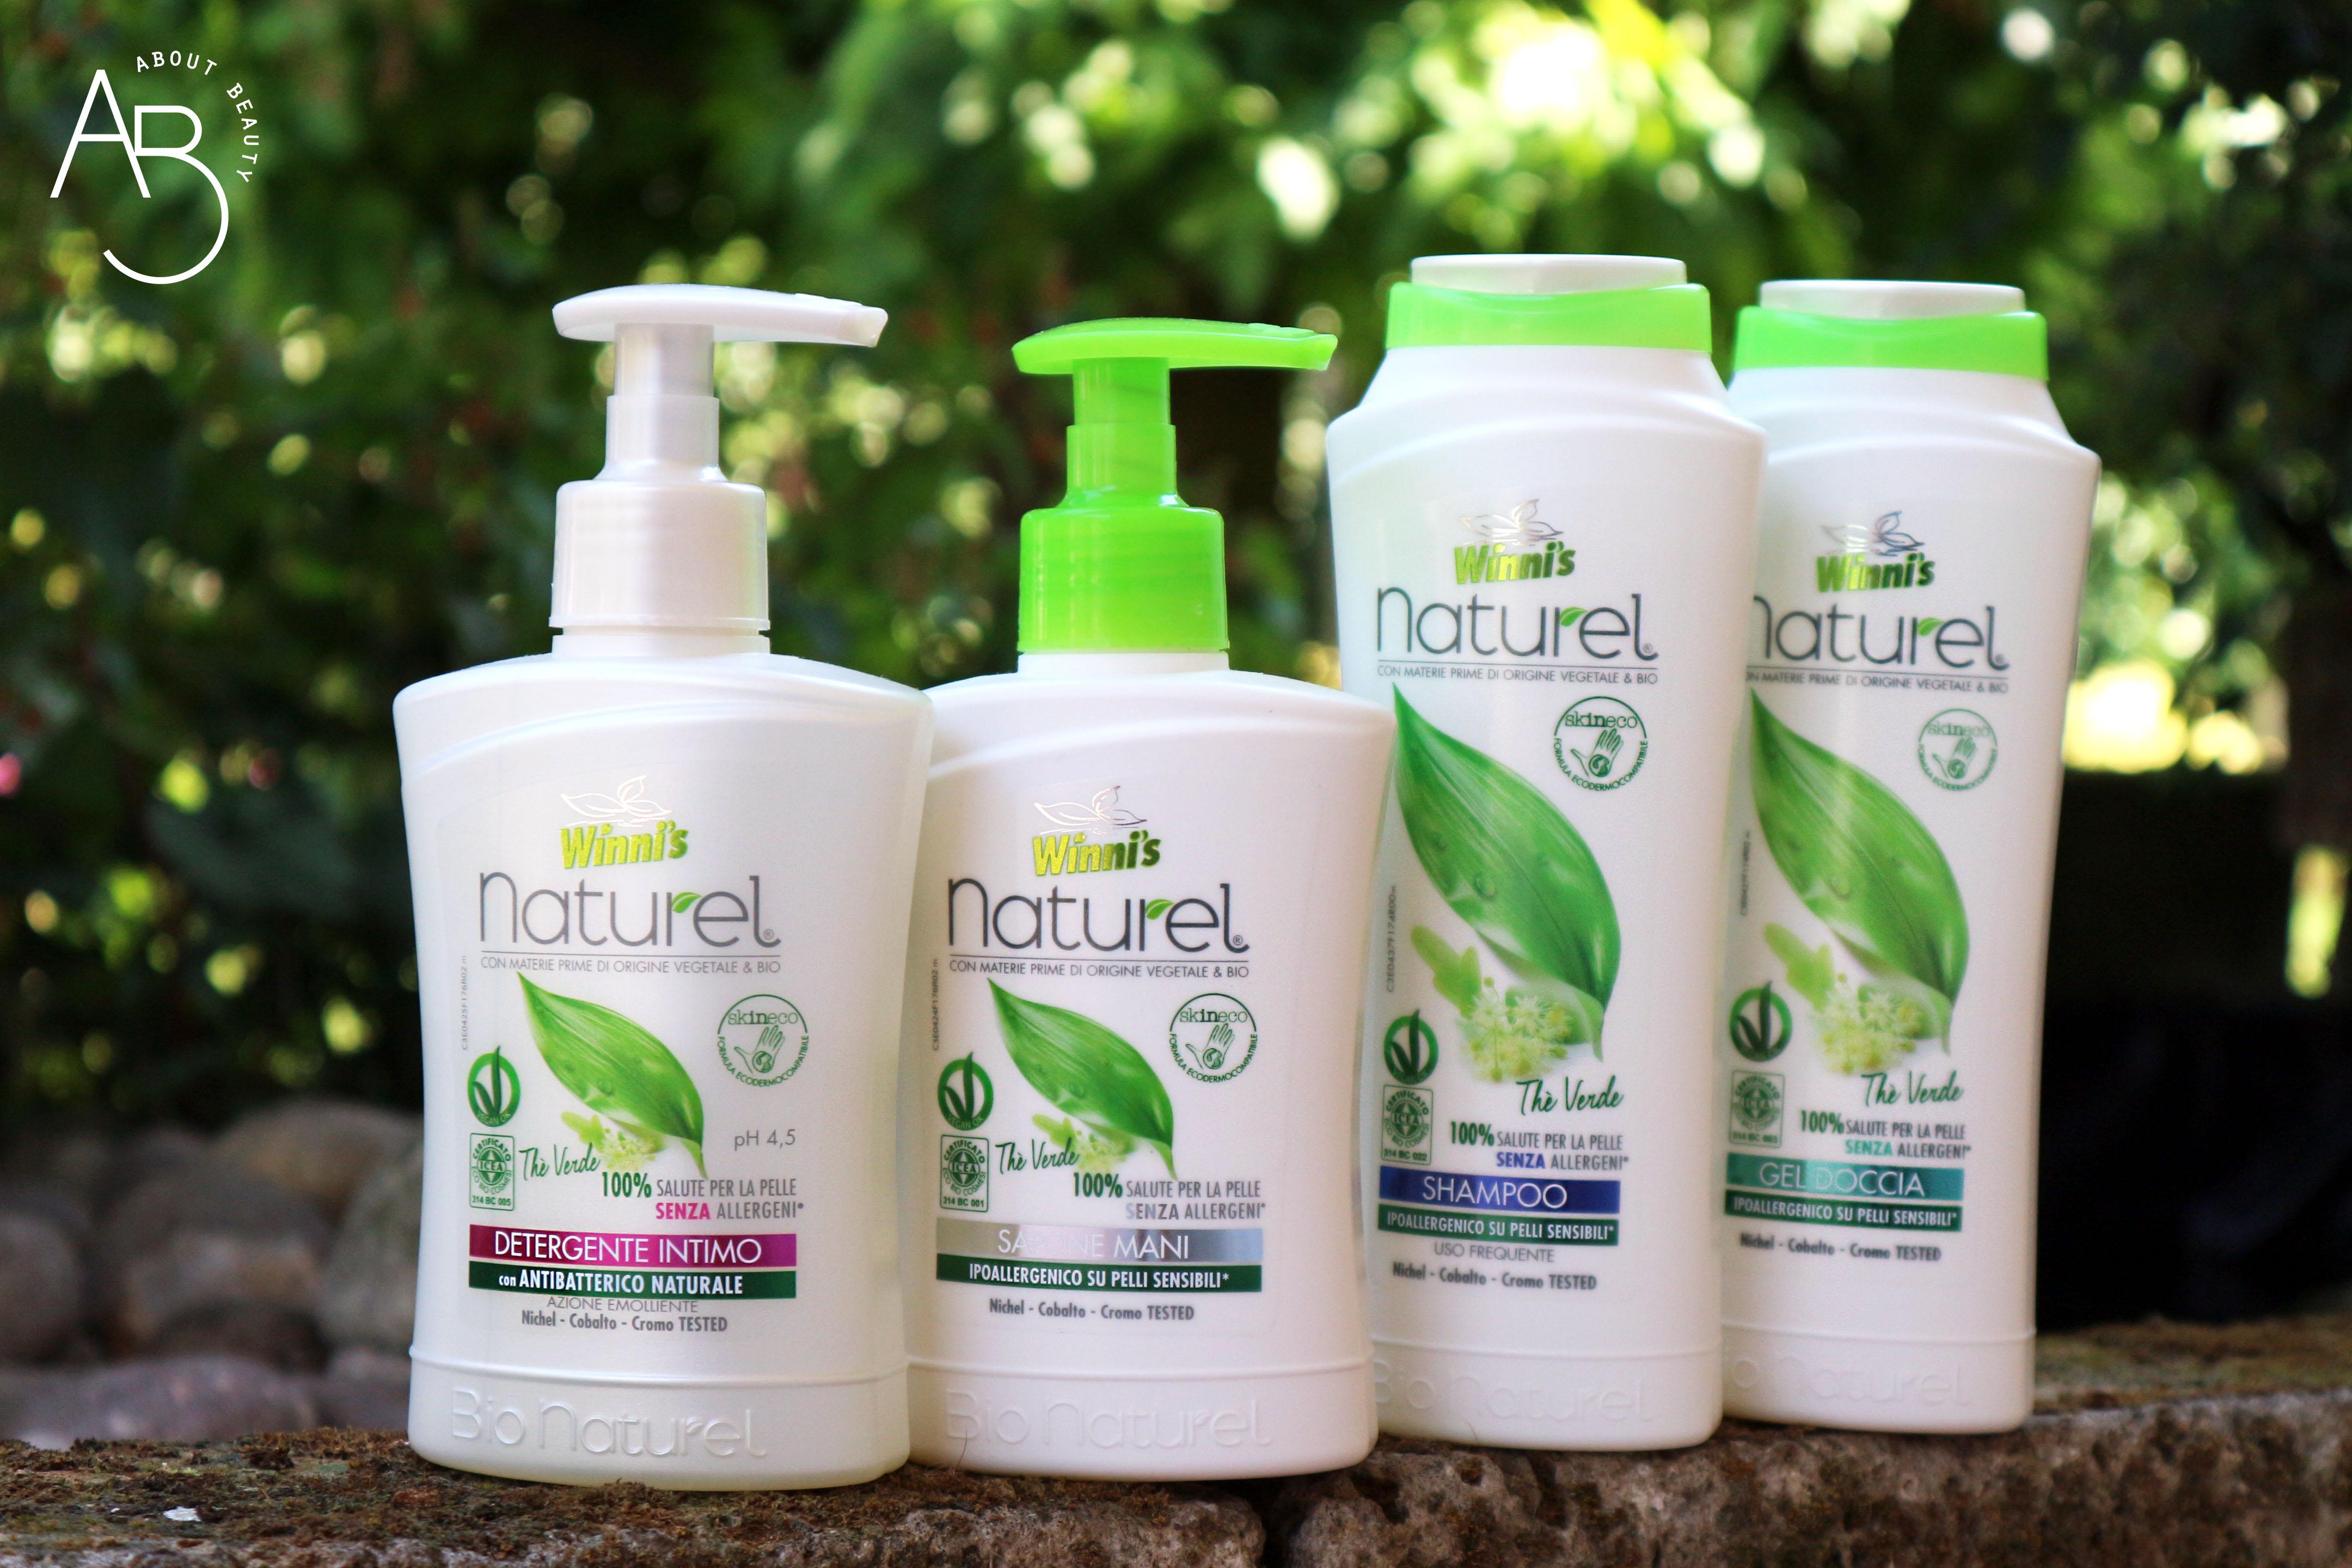 Winni's Naturel Cura della Persona - detergente intimo mani shampoo gel doccia te verde - info, opinioni, recensione, review, prezzo, dove acquistare - About beauty